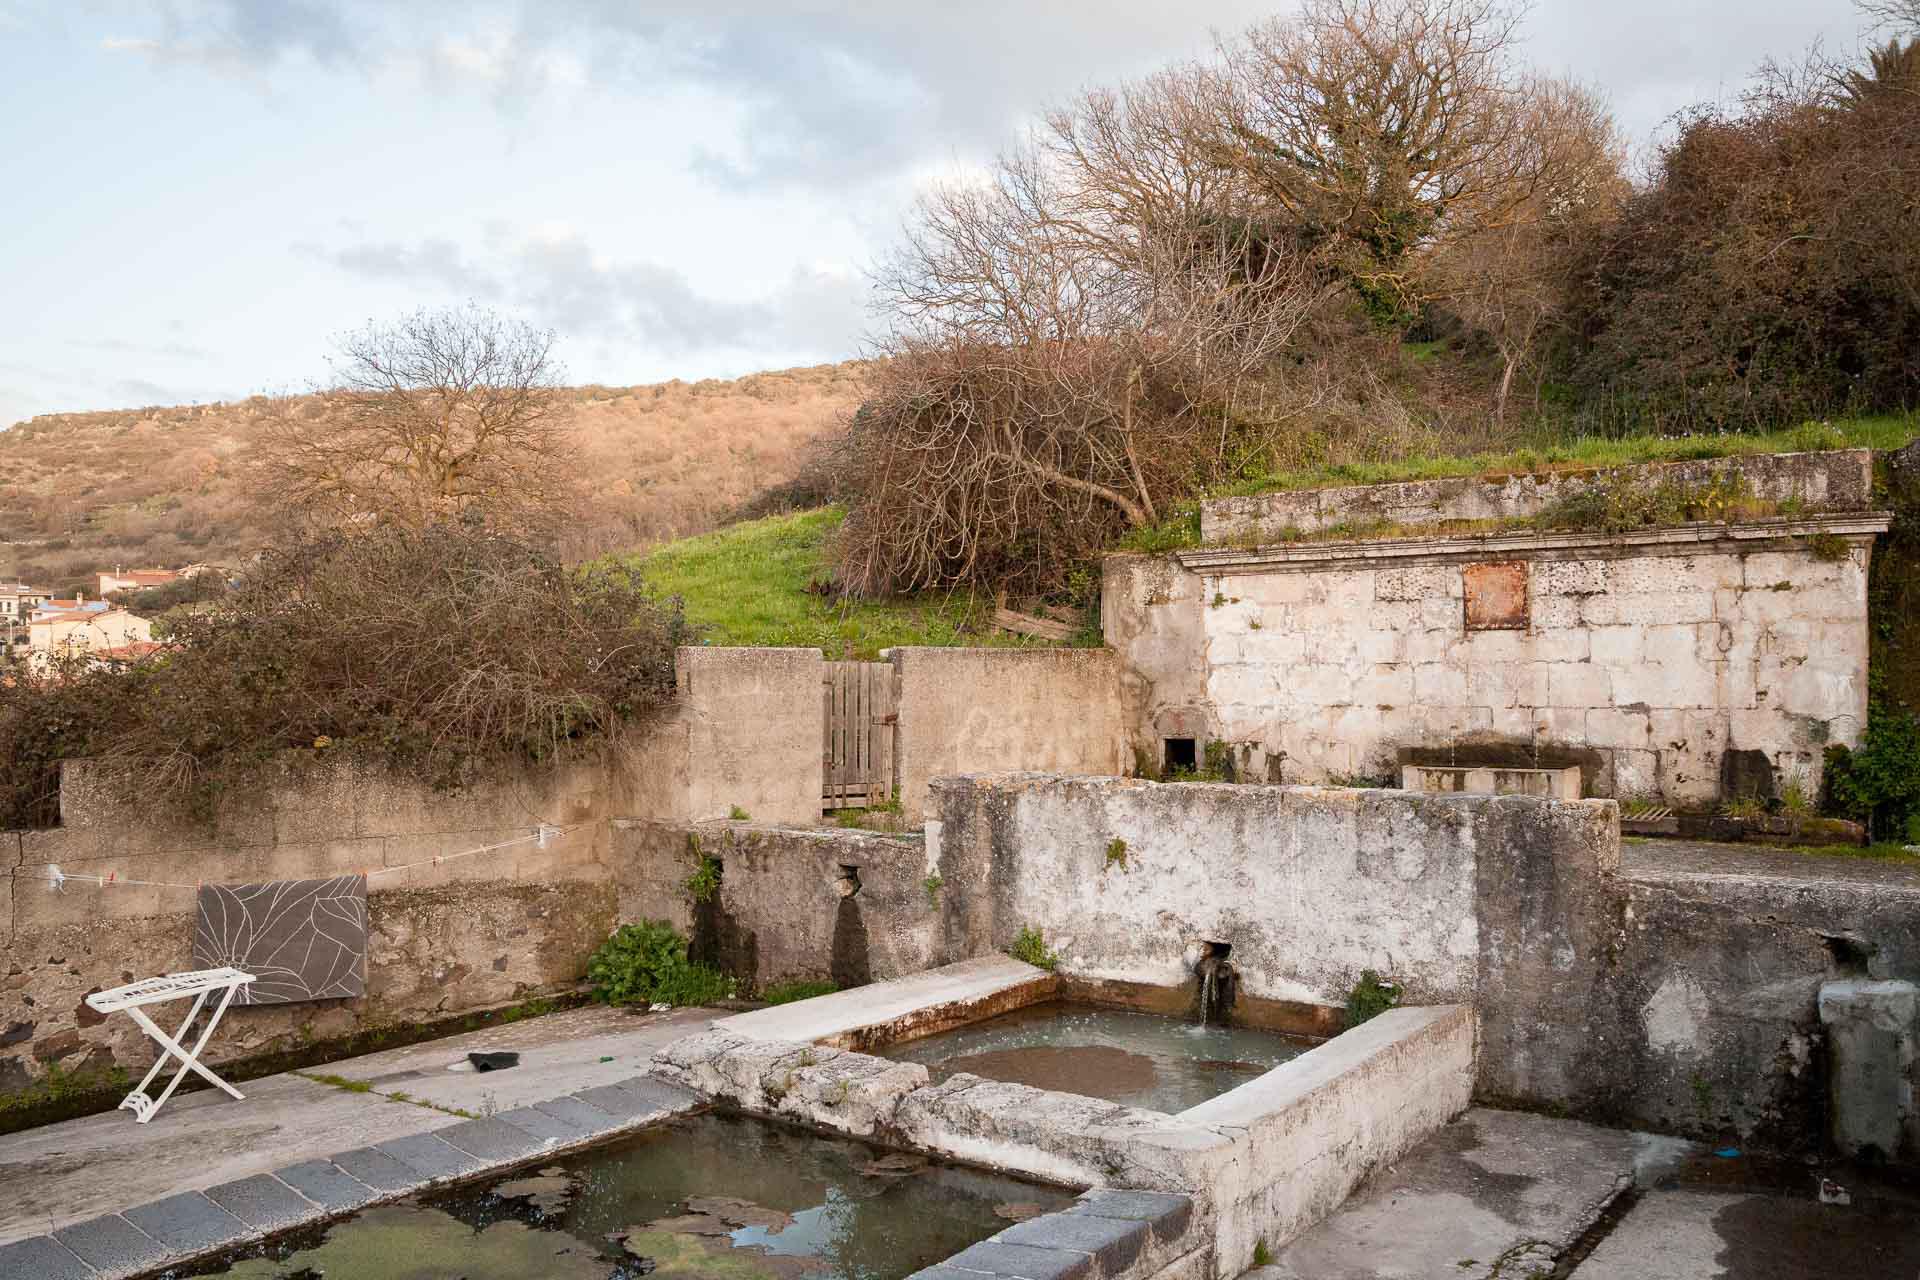 Bonorva, Fontana e lavatoio